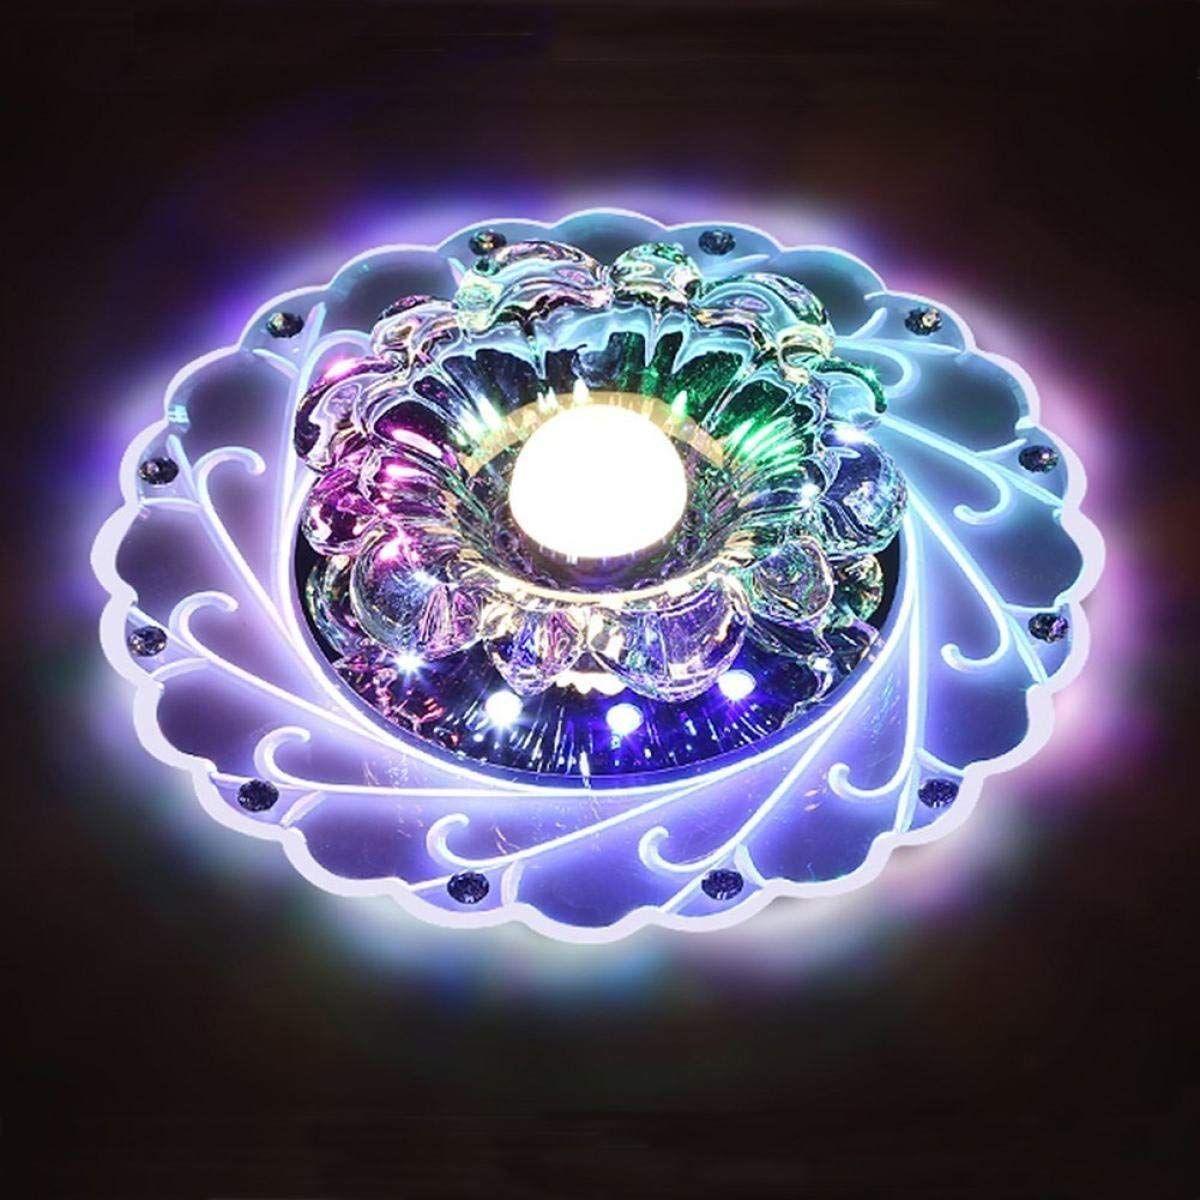 Led Kristall Deckenleuchte Farbwechsel Crystal Decken Pendent Lampen Einbauleuchten Kronleuchter Fur Flur Schlafzimmer Arbeitszimm Led Lampe Einbauleuchten Led